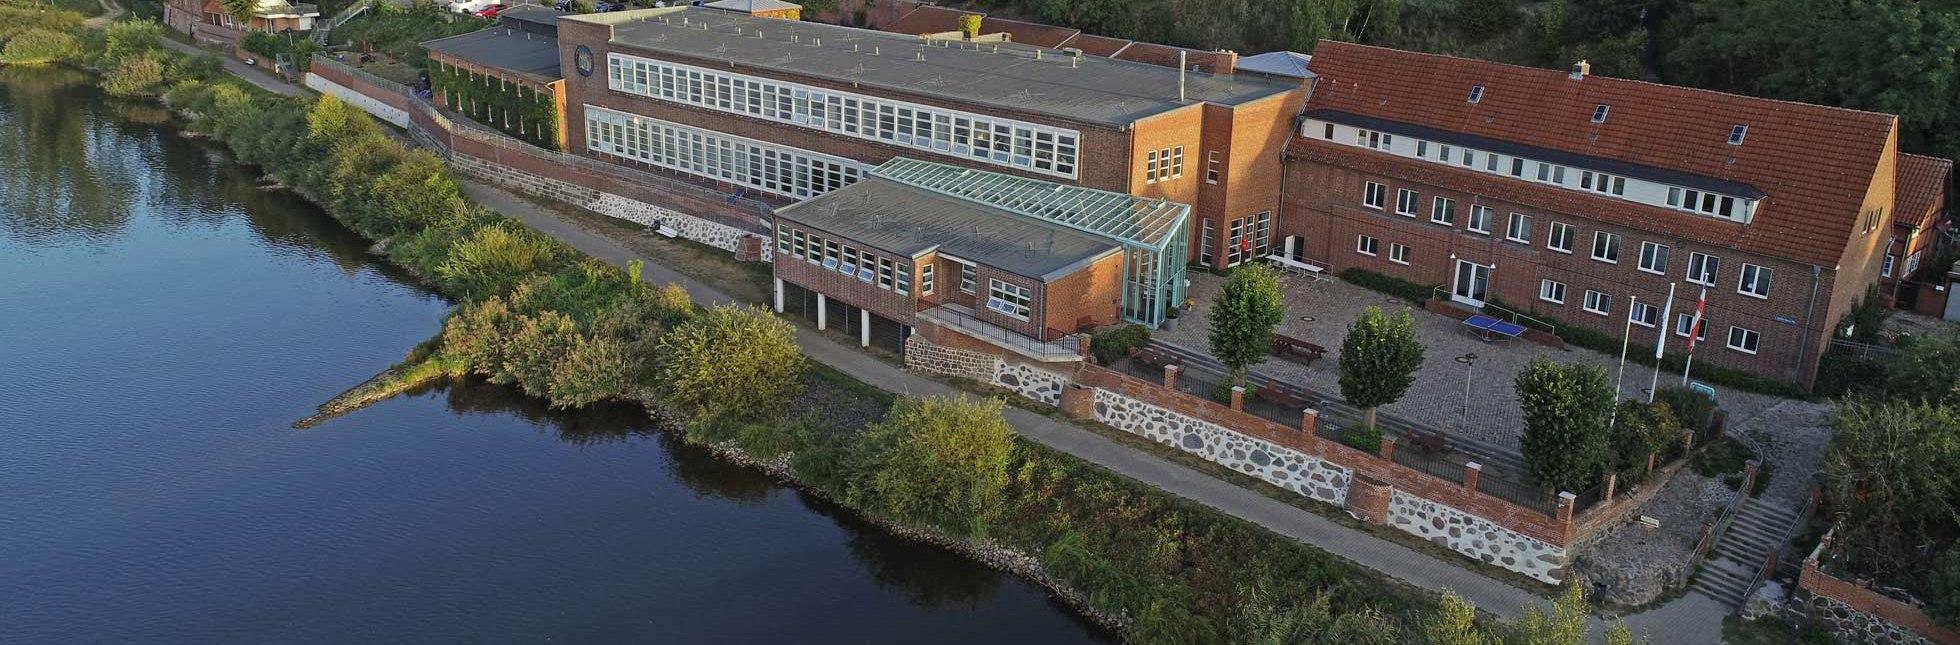 """Jugendherberge """"Zündholzfabrik"""" in Lauenburg an der Elbe, © DJH-LandesverbandNordmark e.V."""